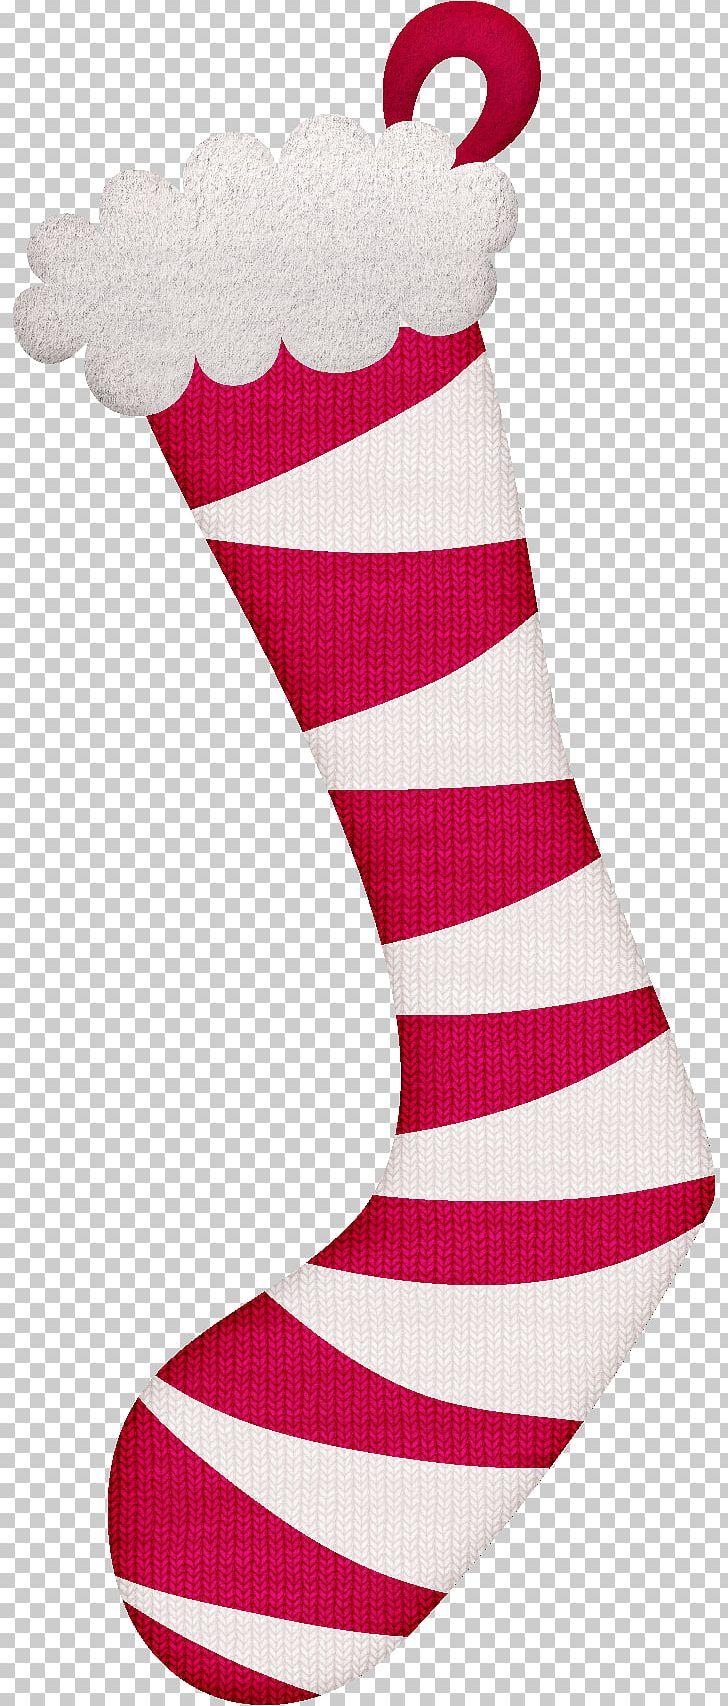 Christmas Stockings Sock PNG, Clipart, Christmas, Christmas Decoration, Christmas Frame, Christmas Lights, Christmas Socks Free PNG Download